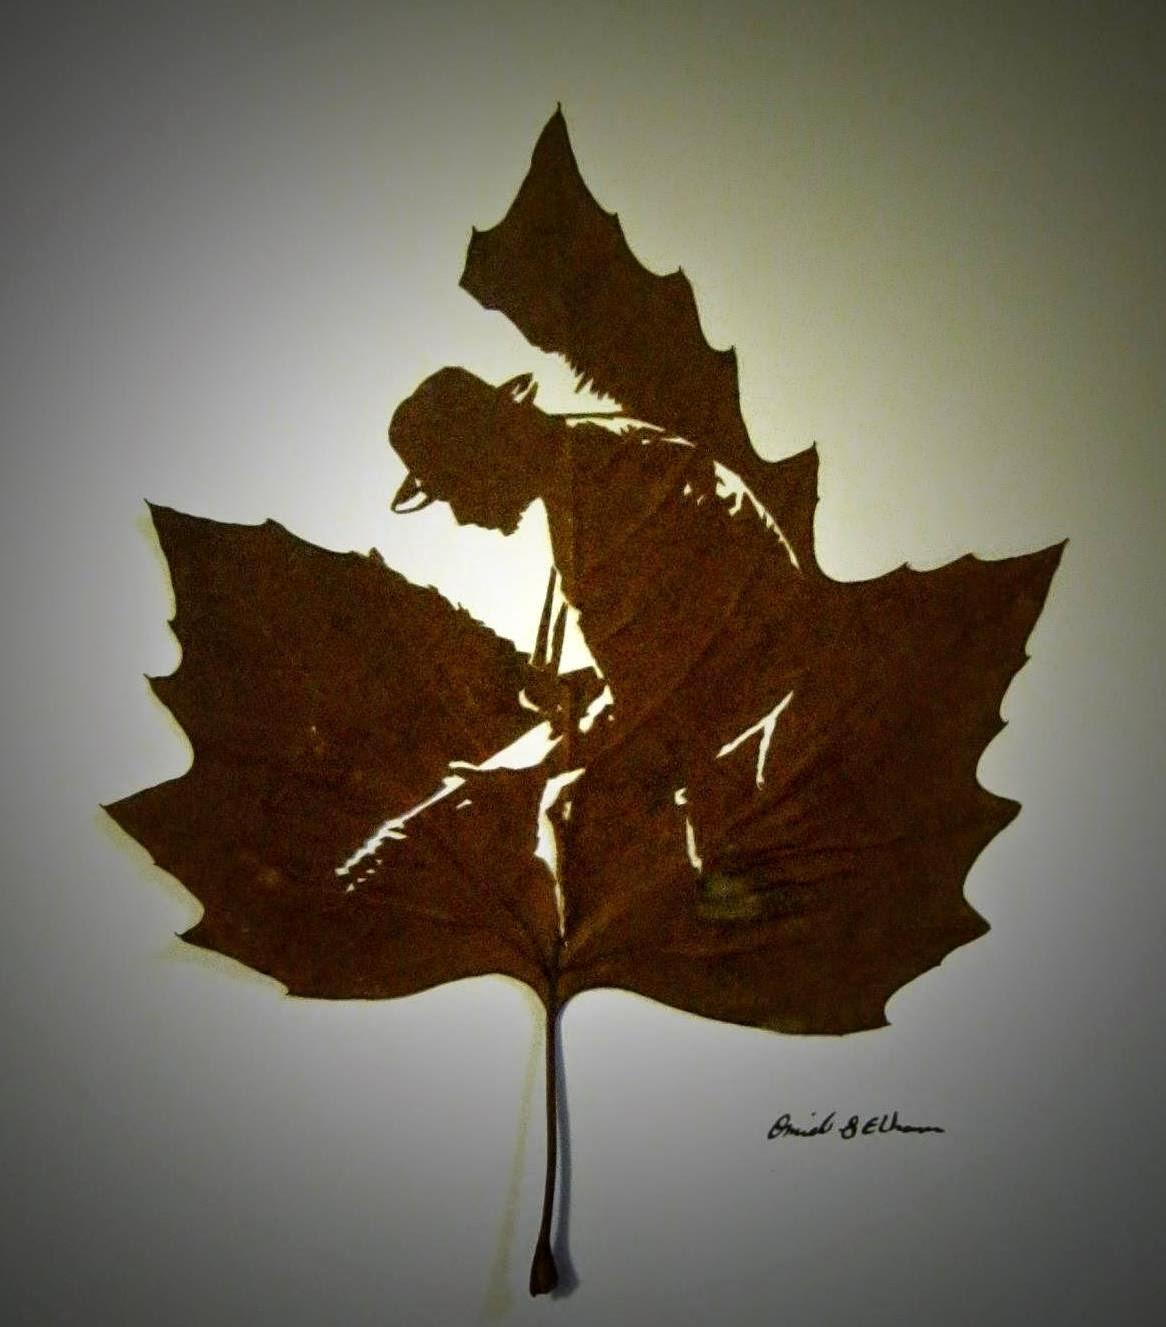 Культура и Искусство Omid-asadi-leaf-cutting-03